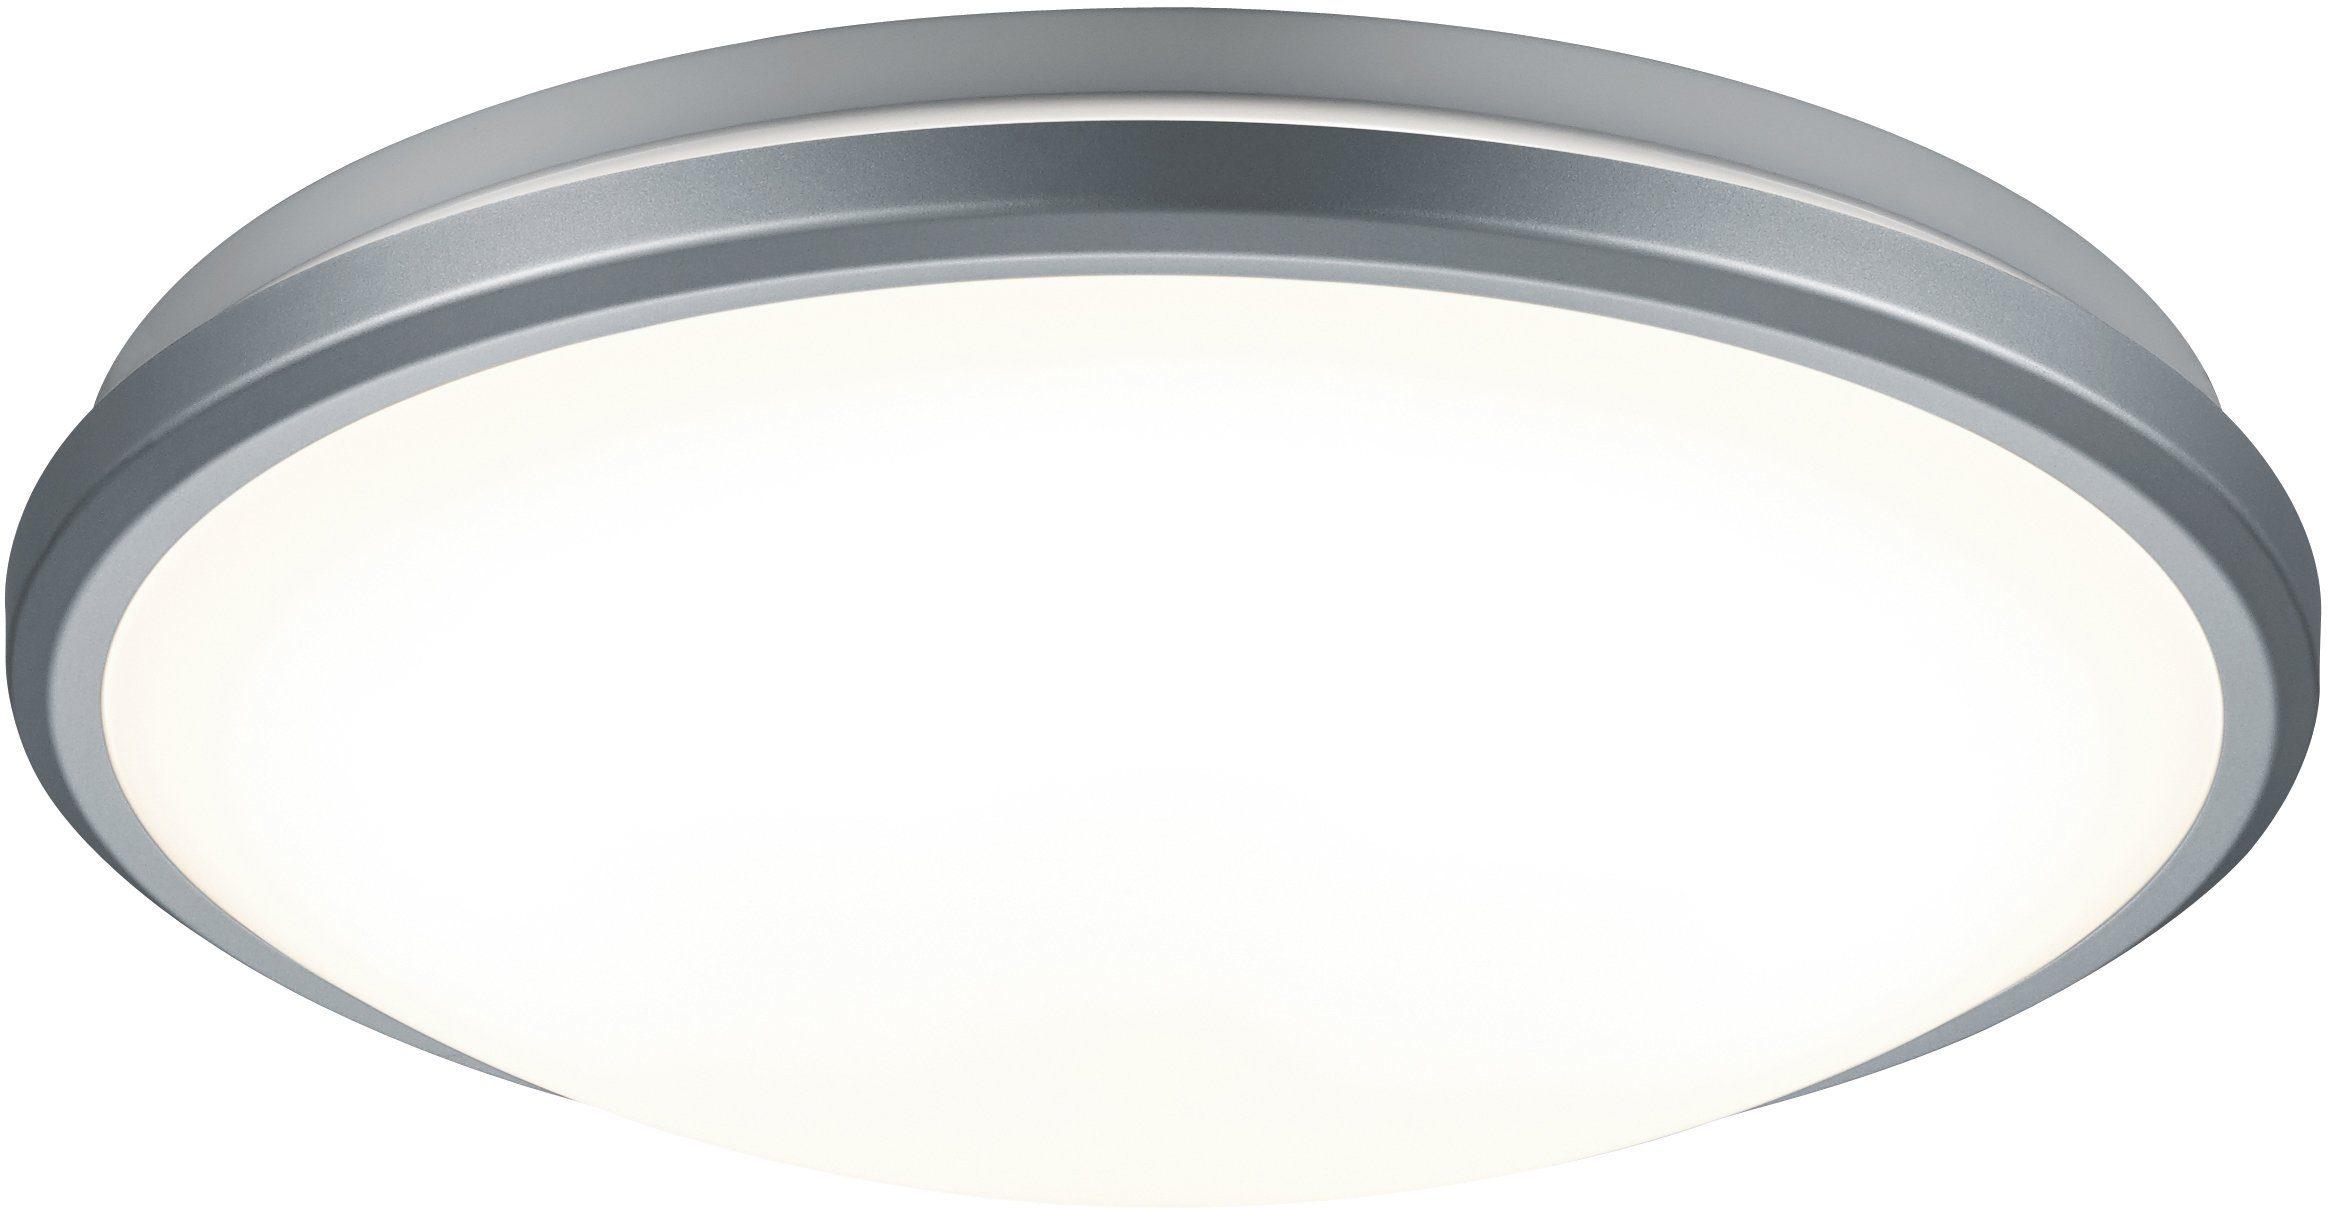 TRIO Leuchten LED Deckenleuchte, »ALCOR«